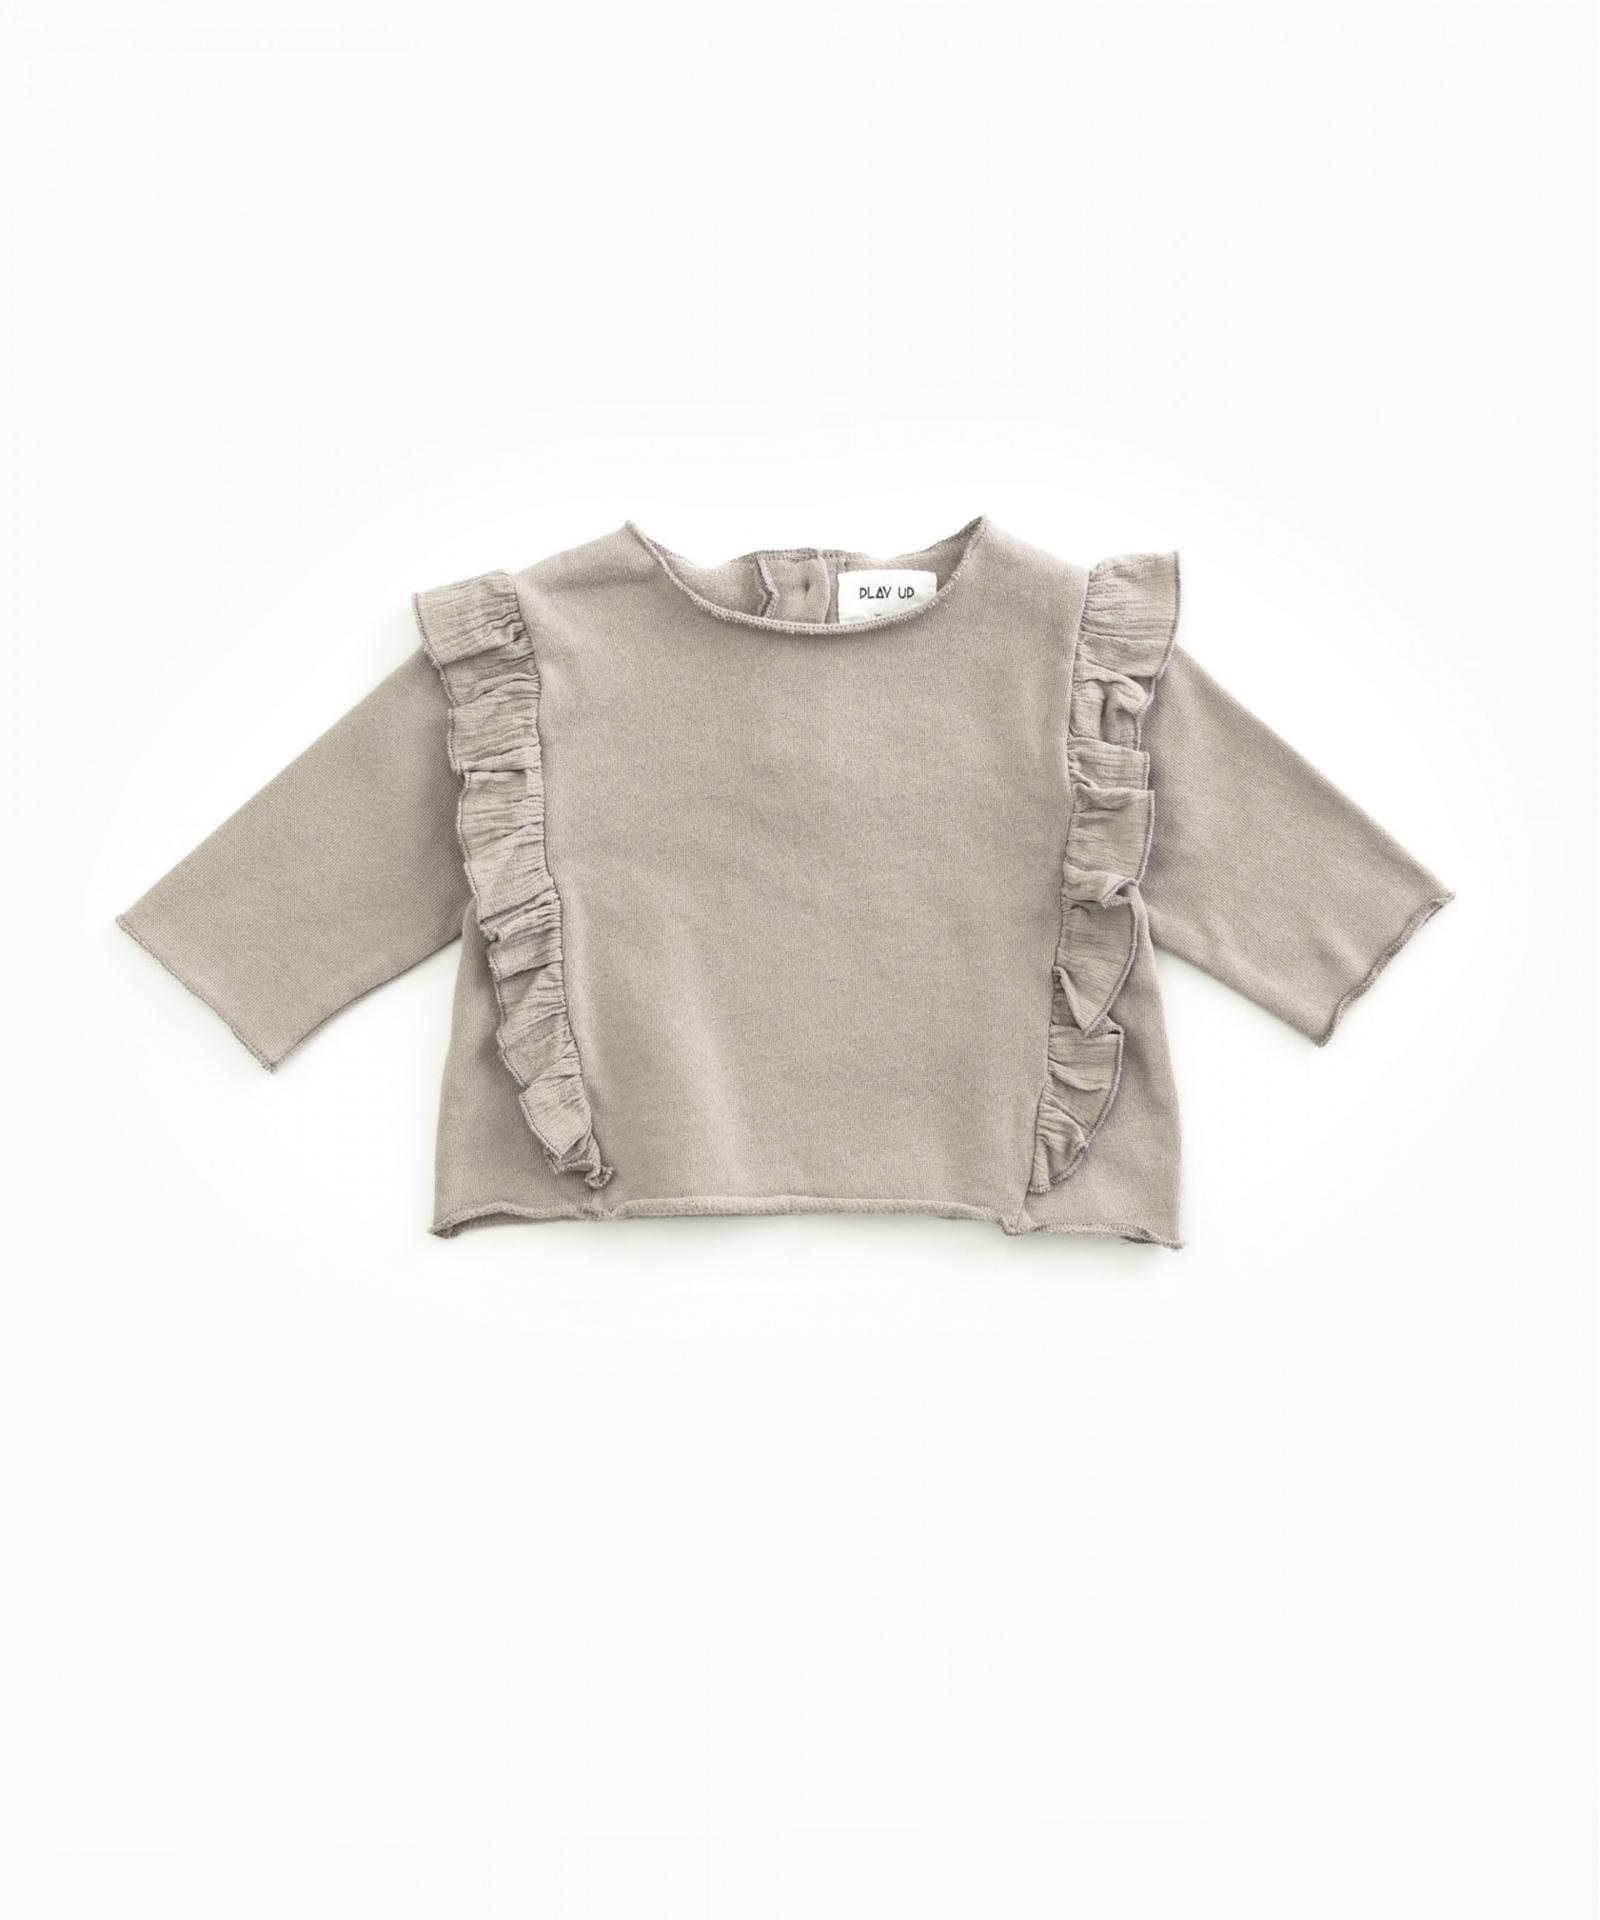 Jersey de algodón PLAY UP orgánico con volante   Woodwork